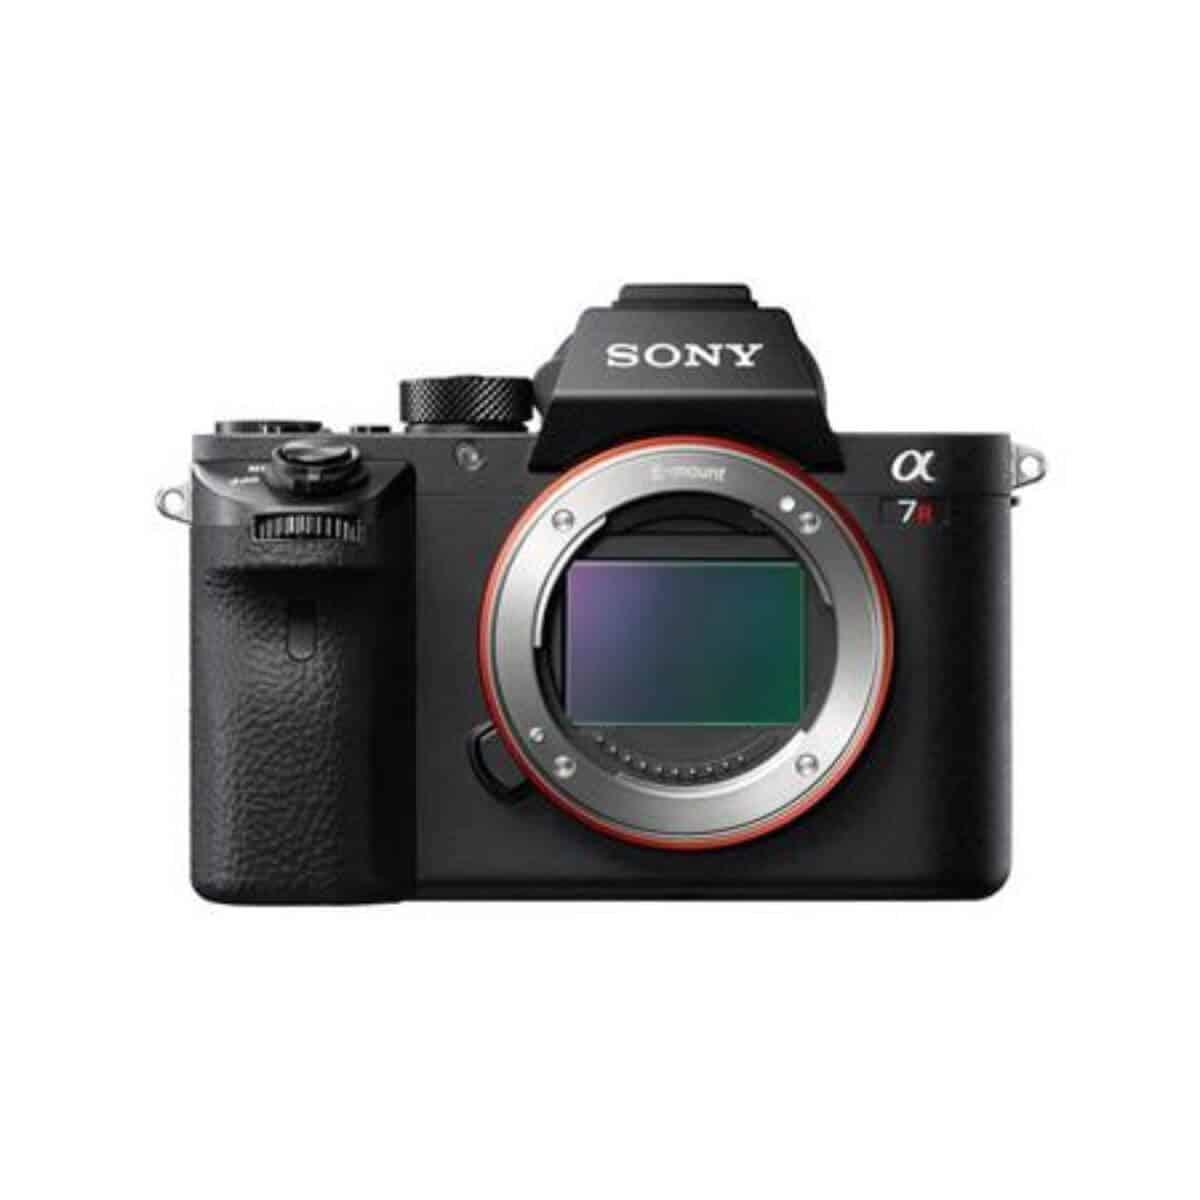 Sony a7r II camera.